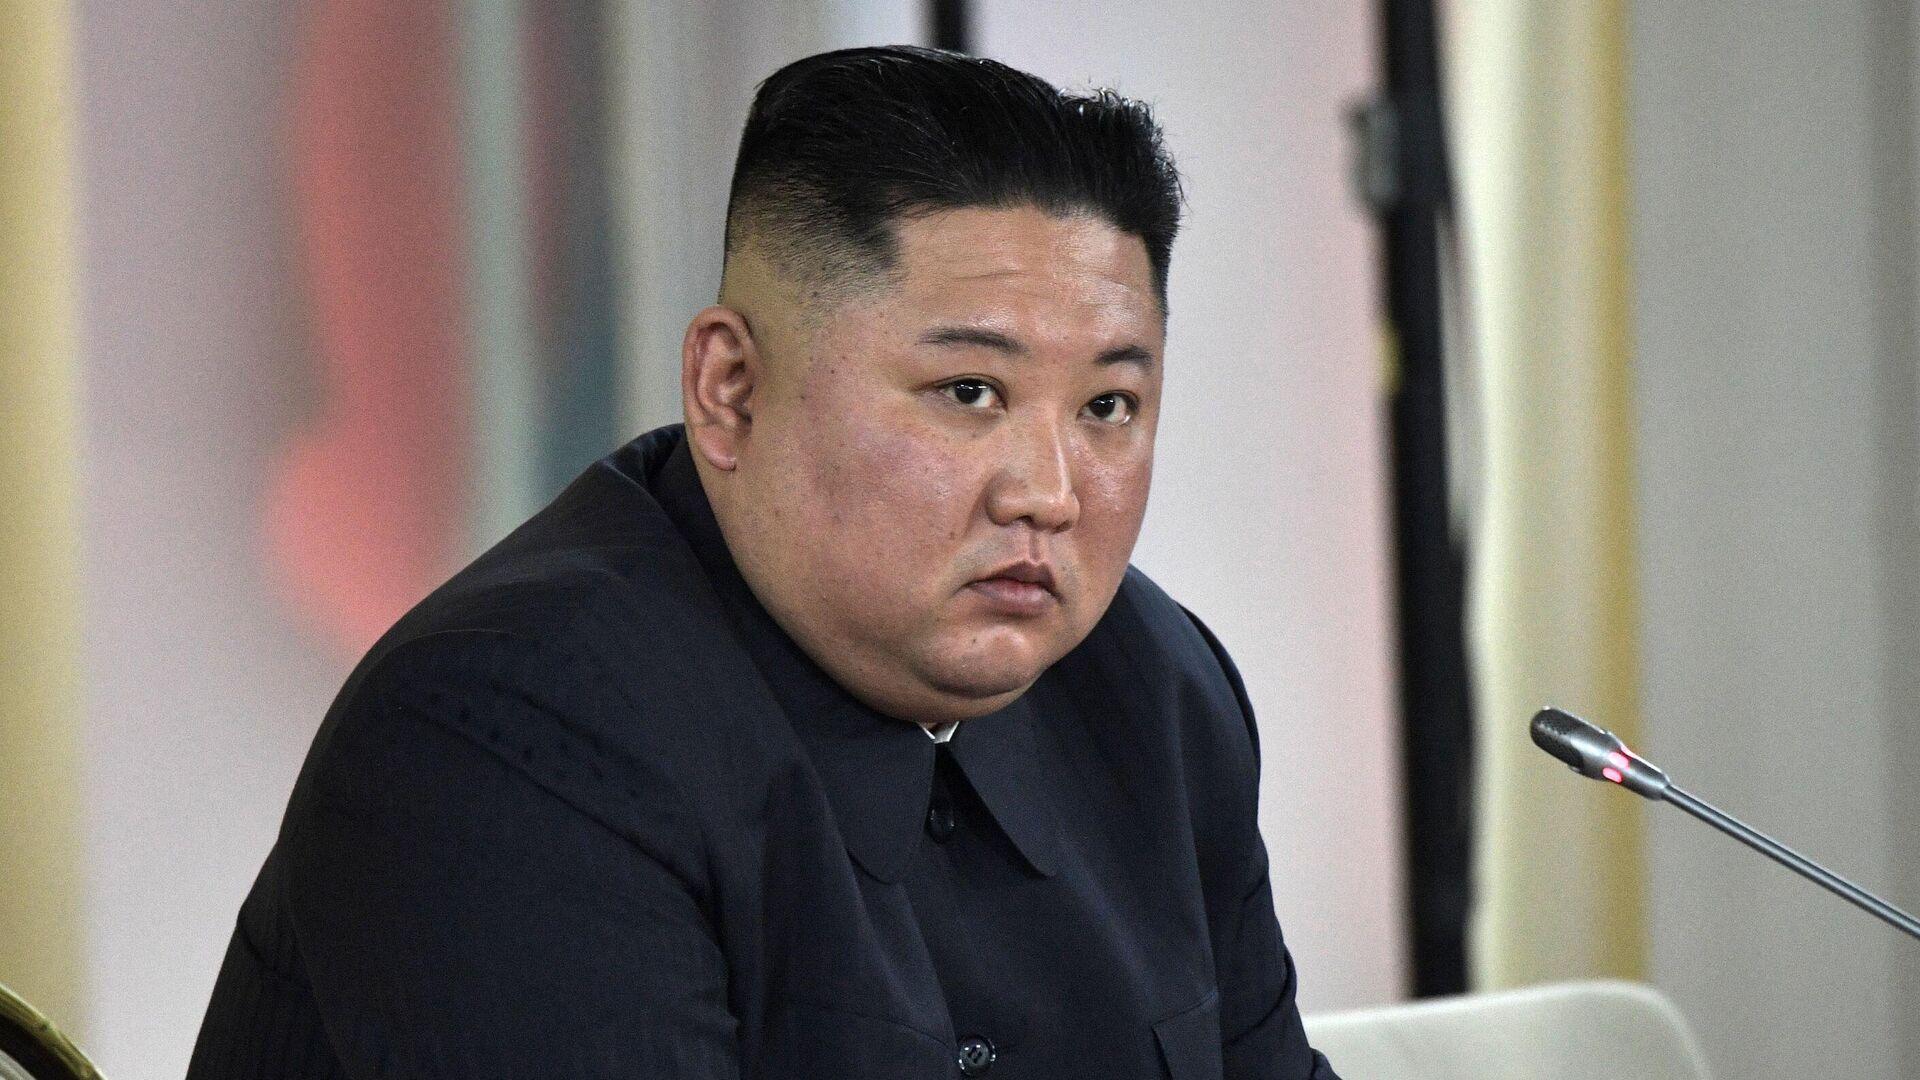 Kim Čong-un v Moskvě, 2019 - Sputnik Česká republika, 1920, 30.07.2021